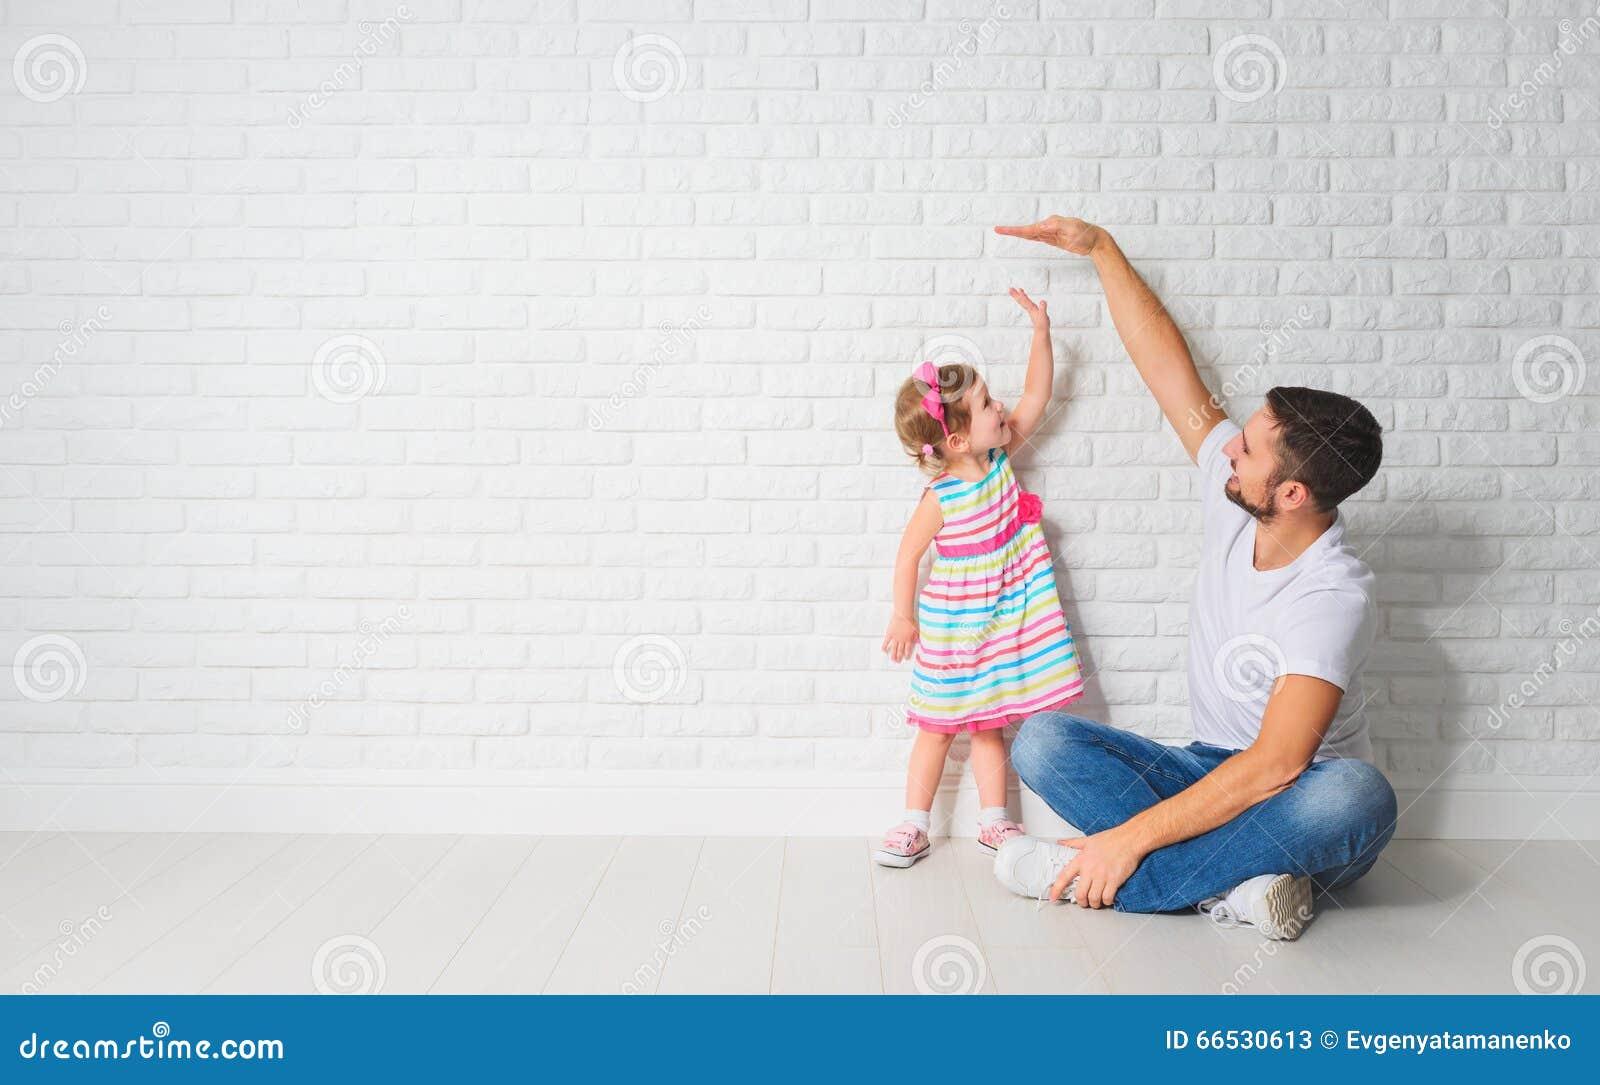 Konzept Vati misst Wachstum ihrer Kindertochter an einer Wand